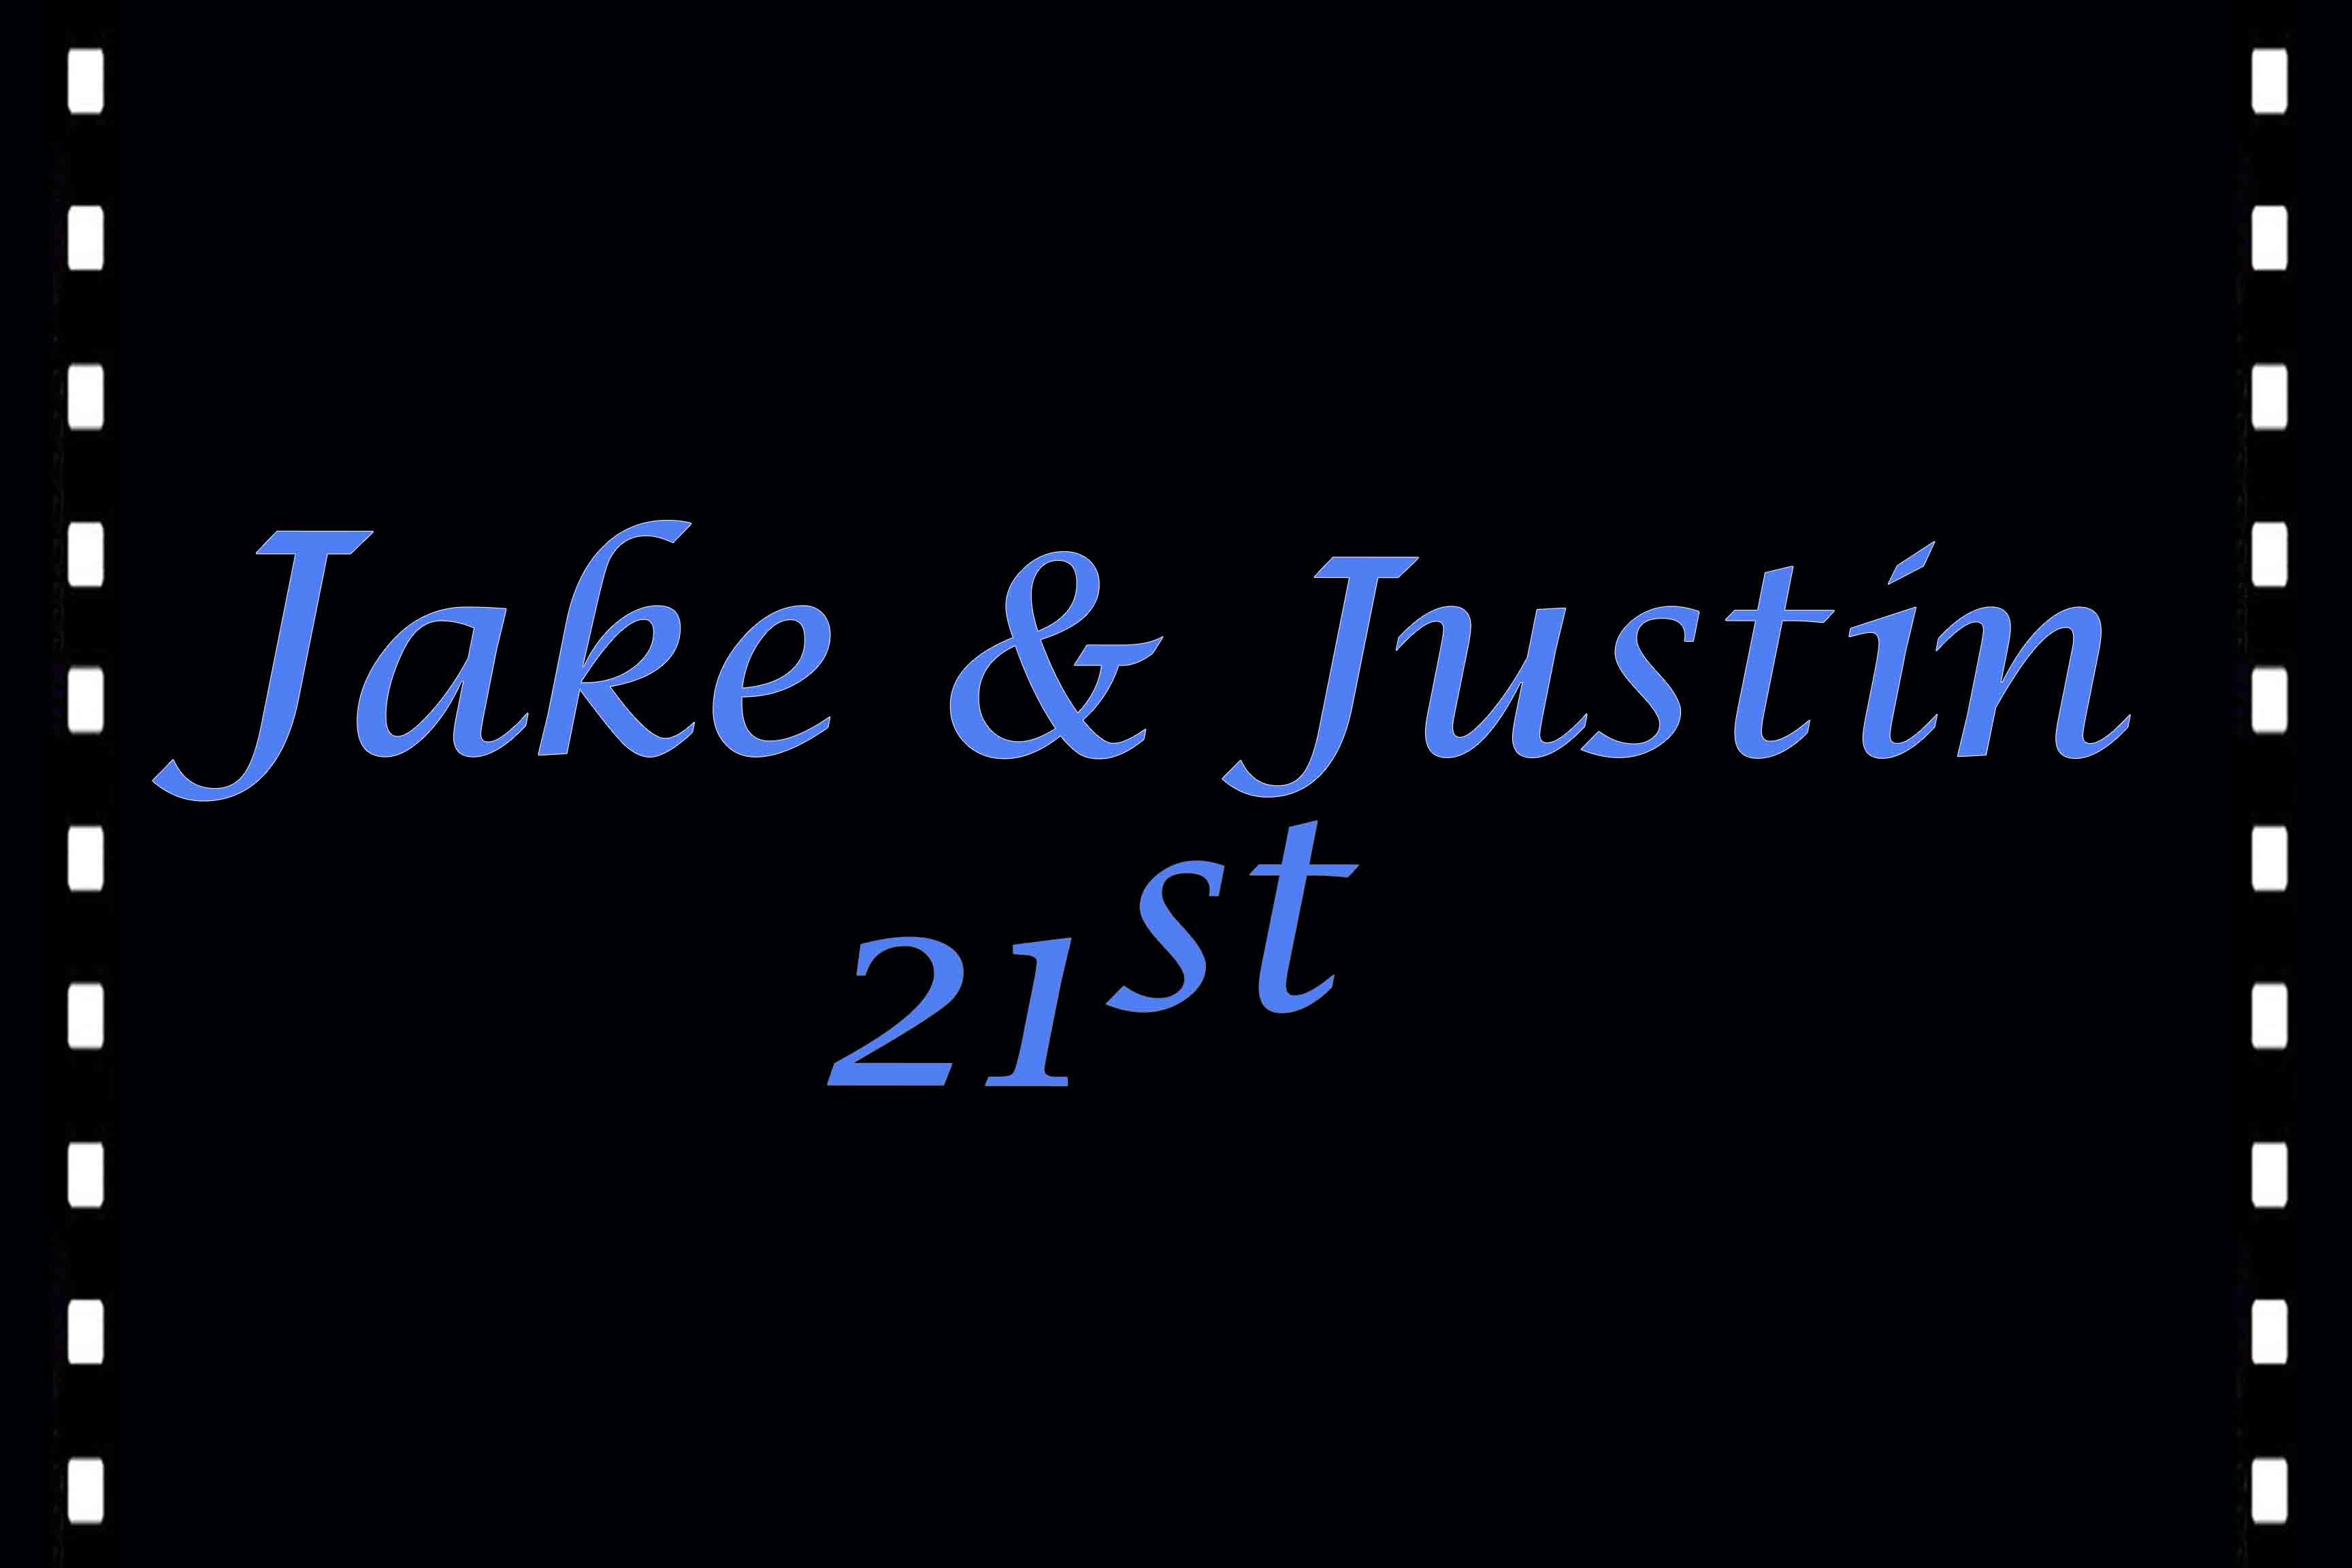 Jake_&_Justin-block